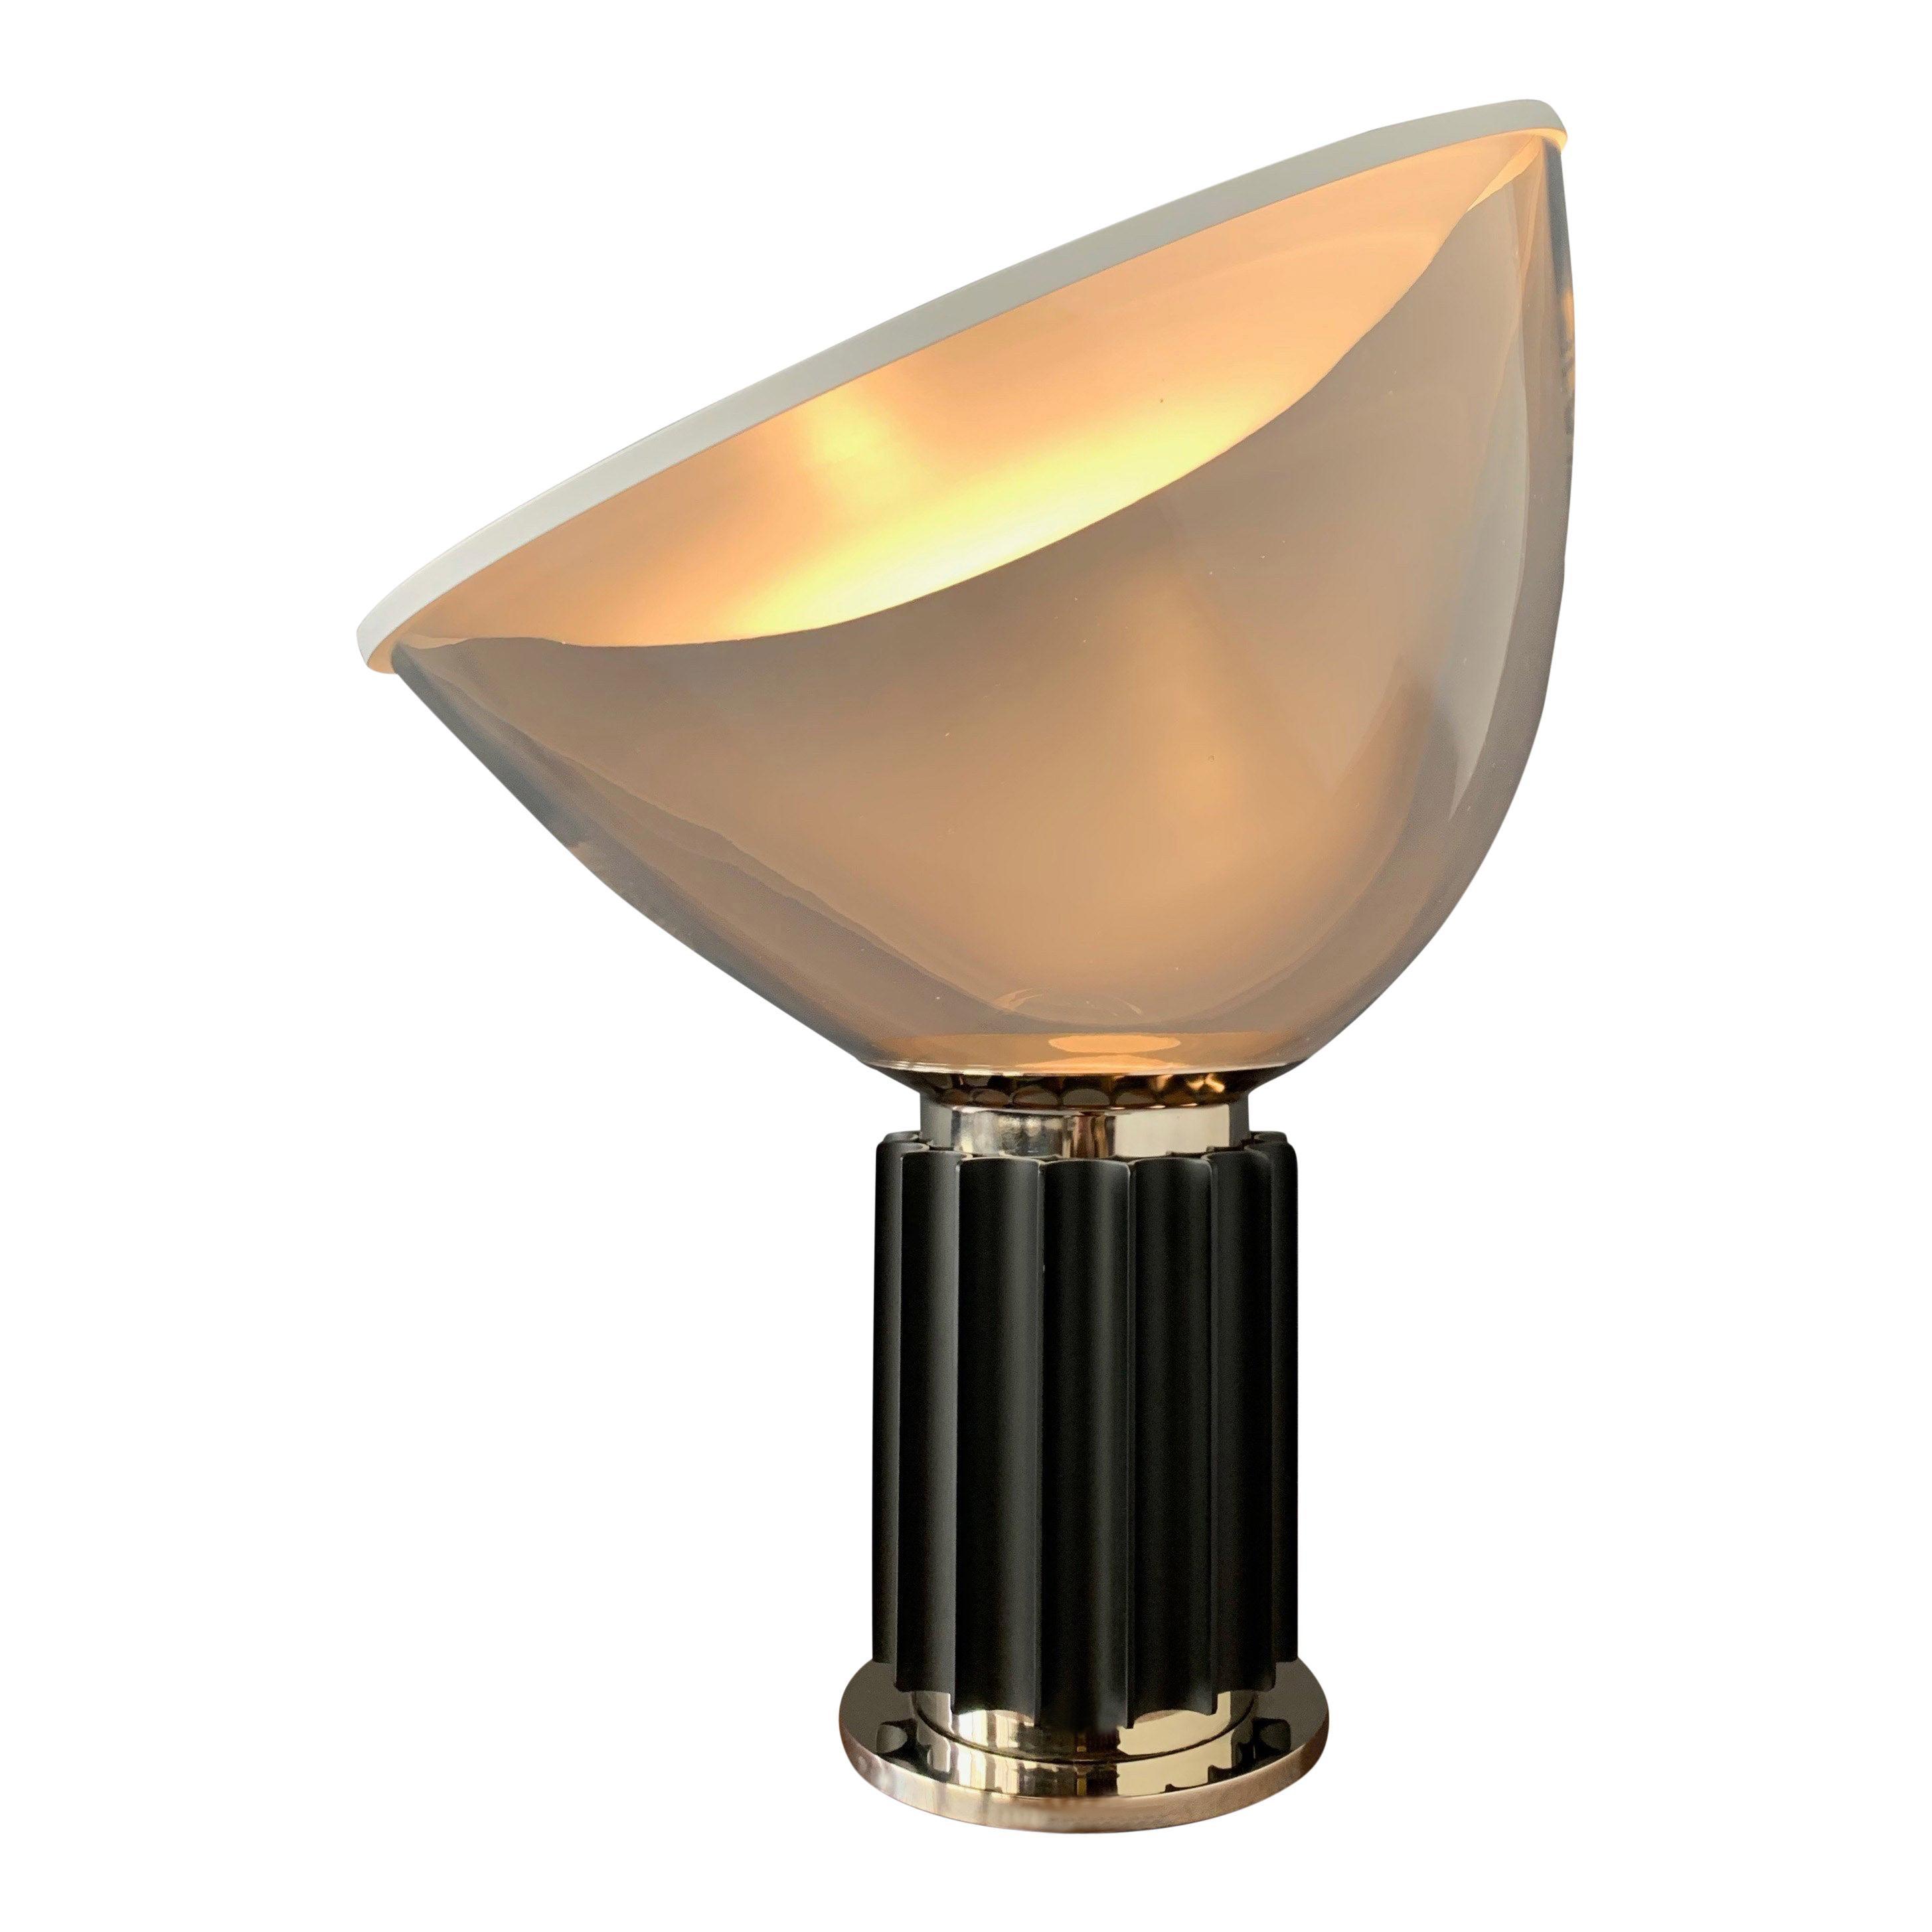 Taccia Table Lamp Designed by Achille Castiglioni for Flos